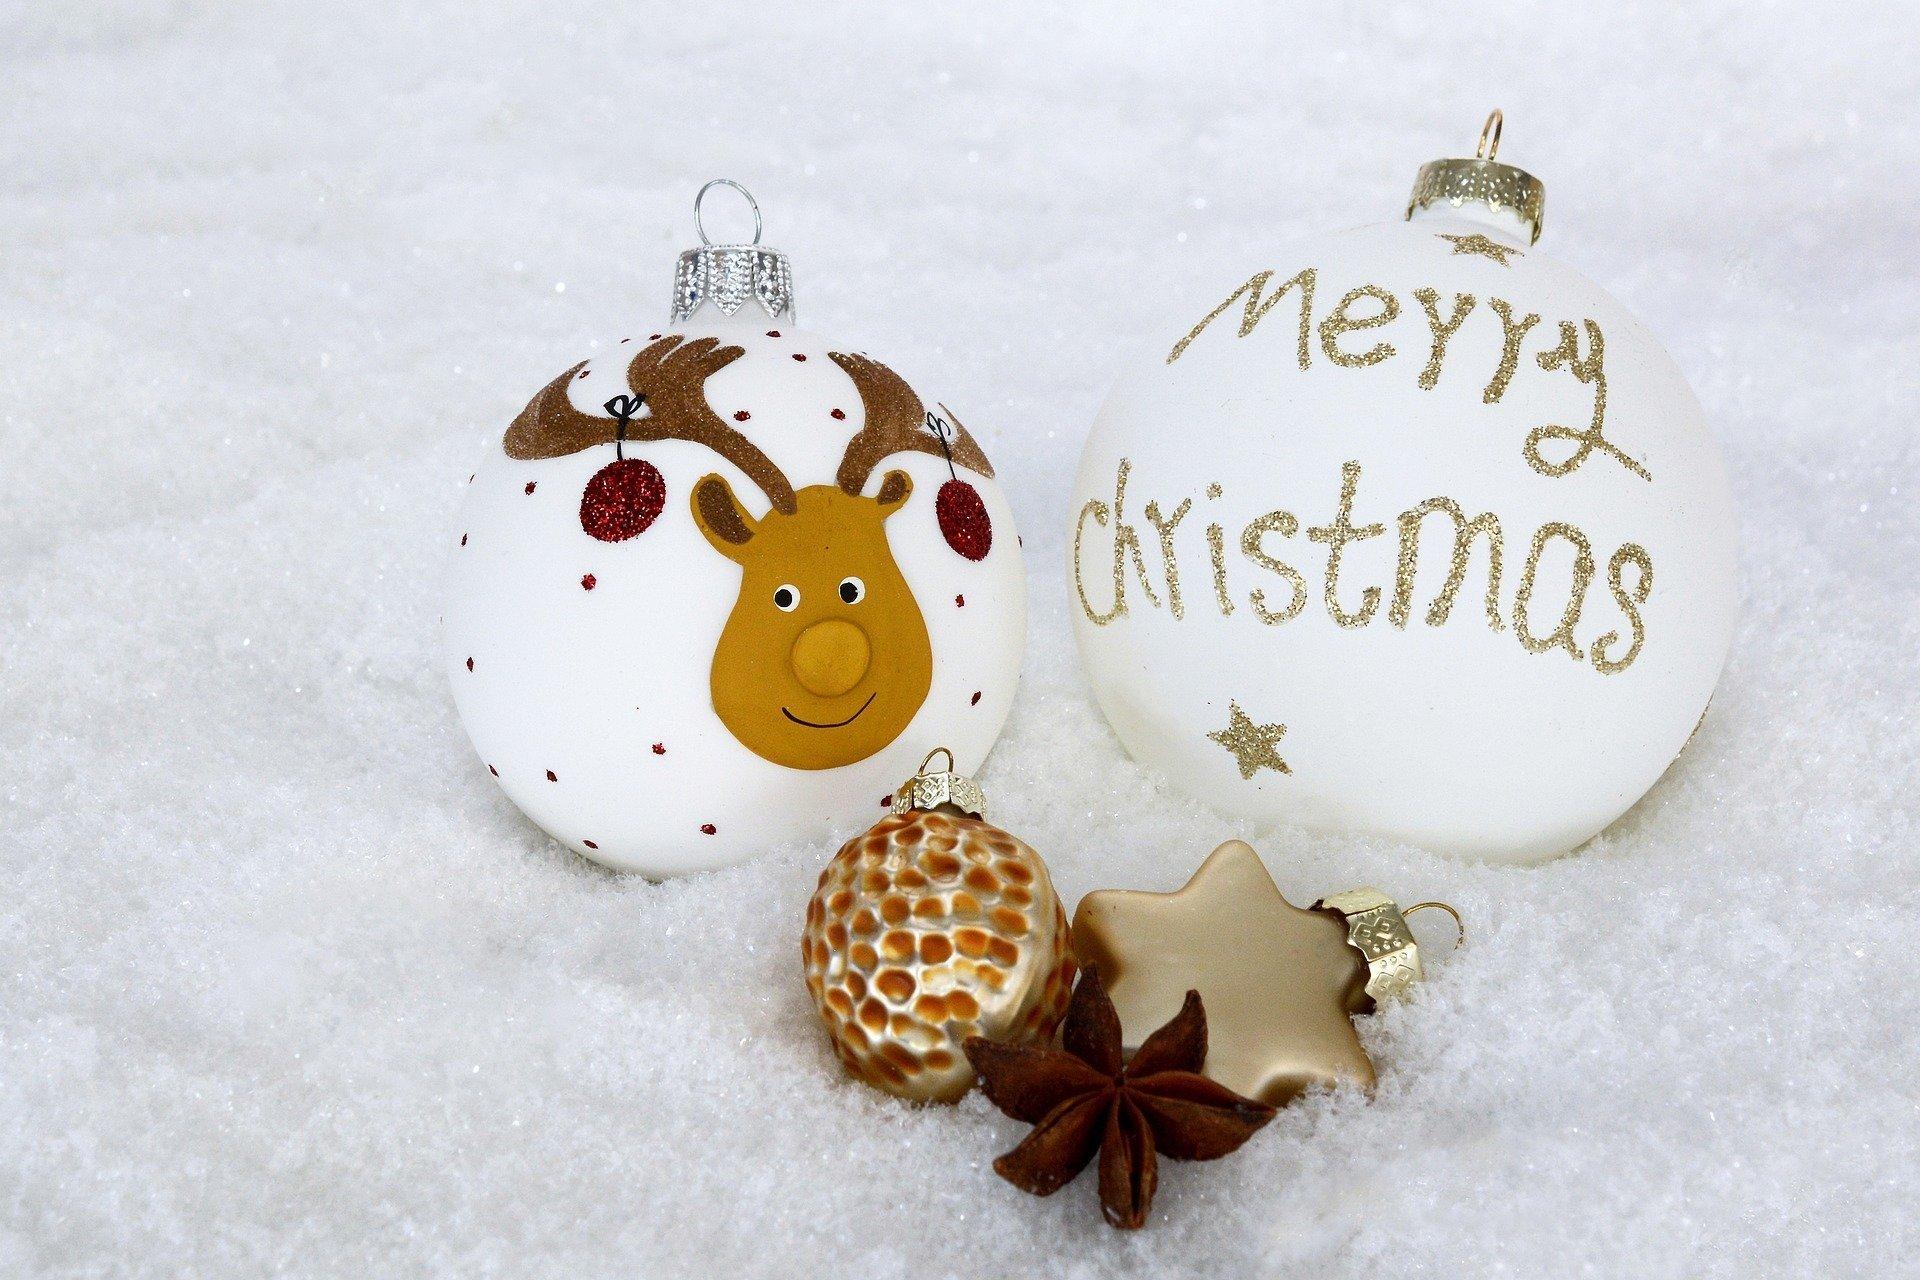 piosenka świąteczna We Wish You A Merry Christmas, słowa po angielsku i melodia